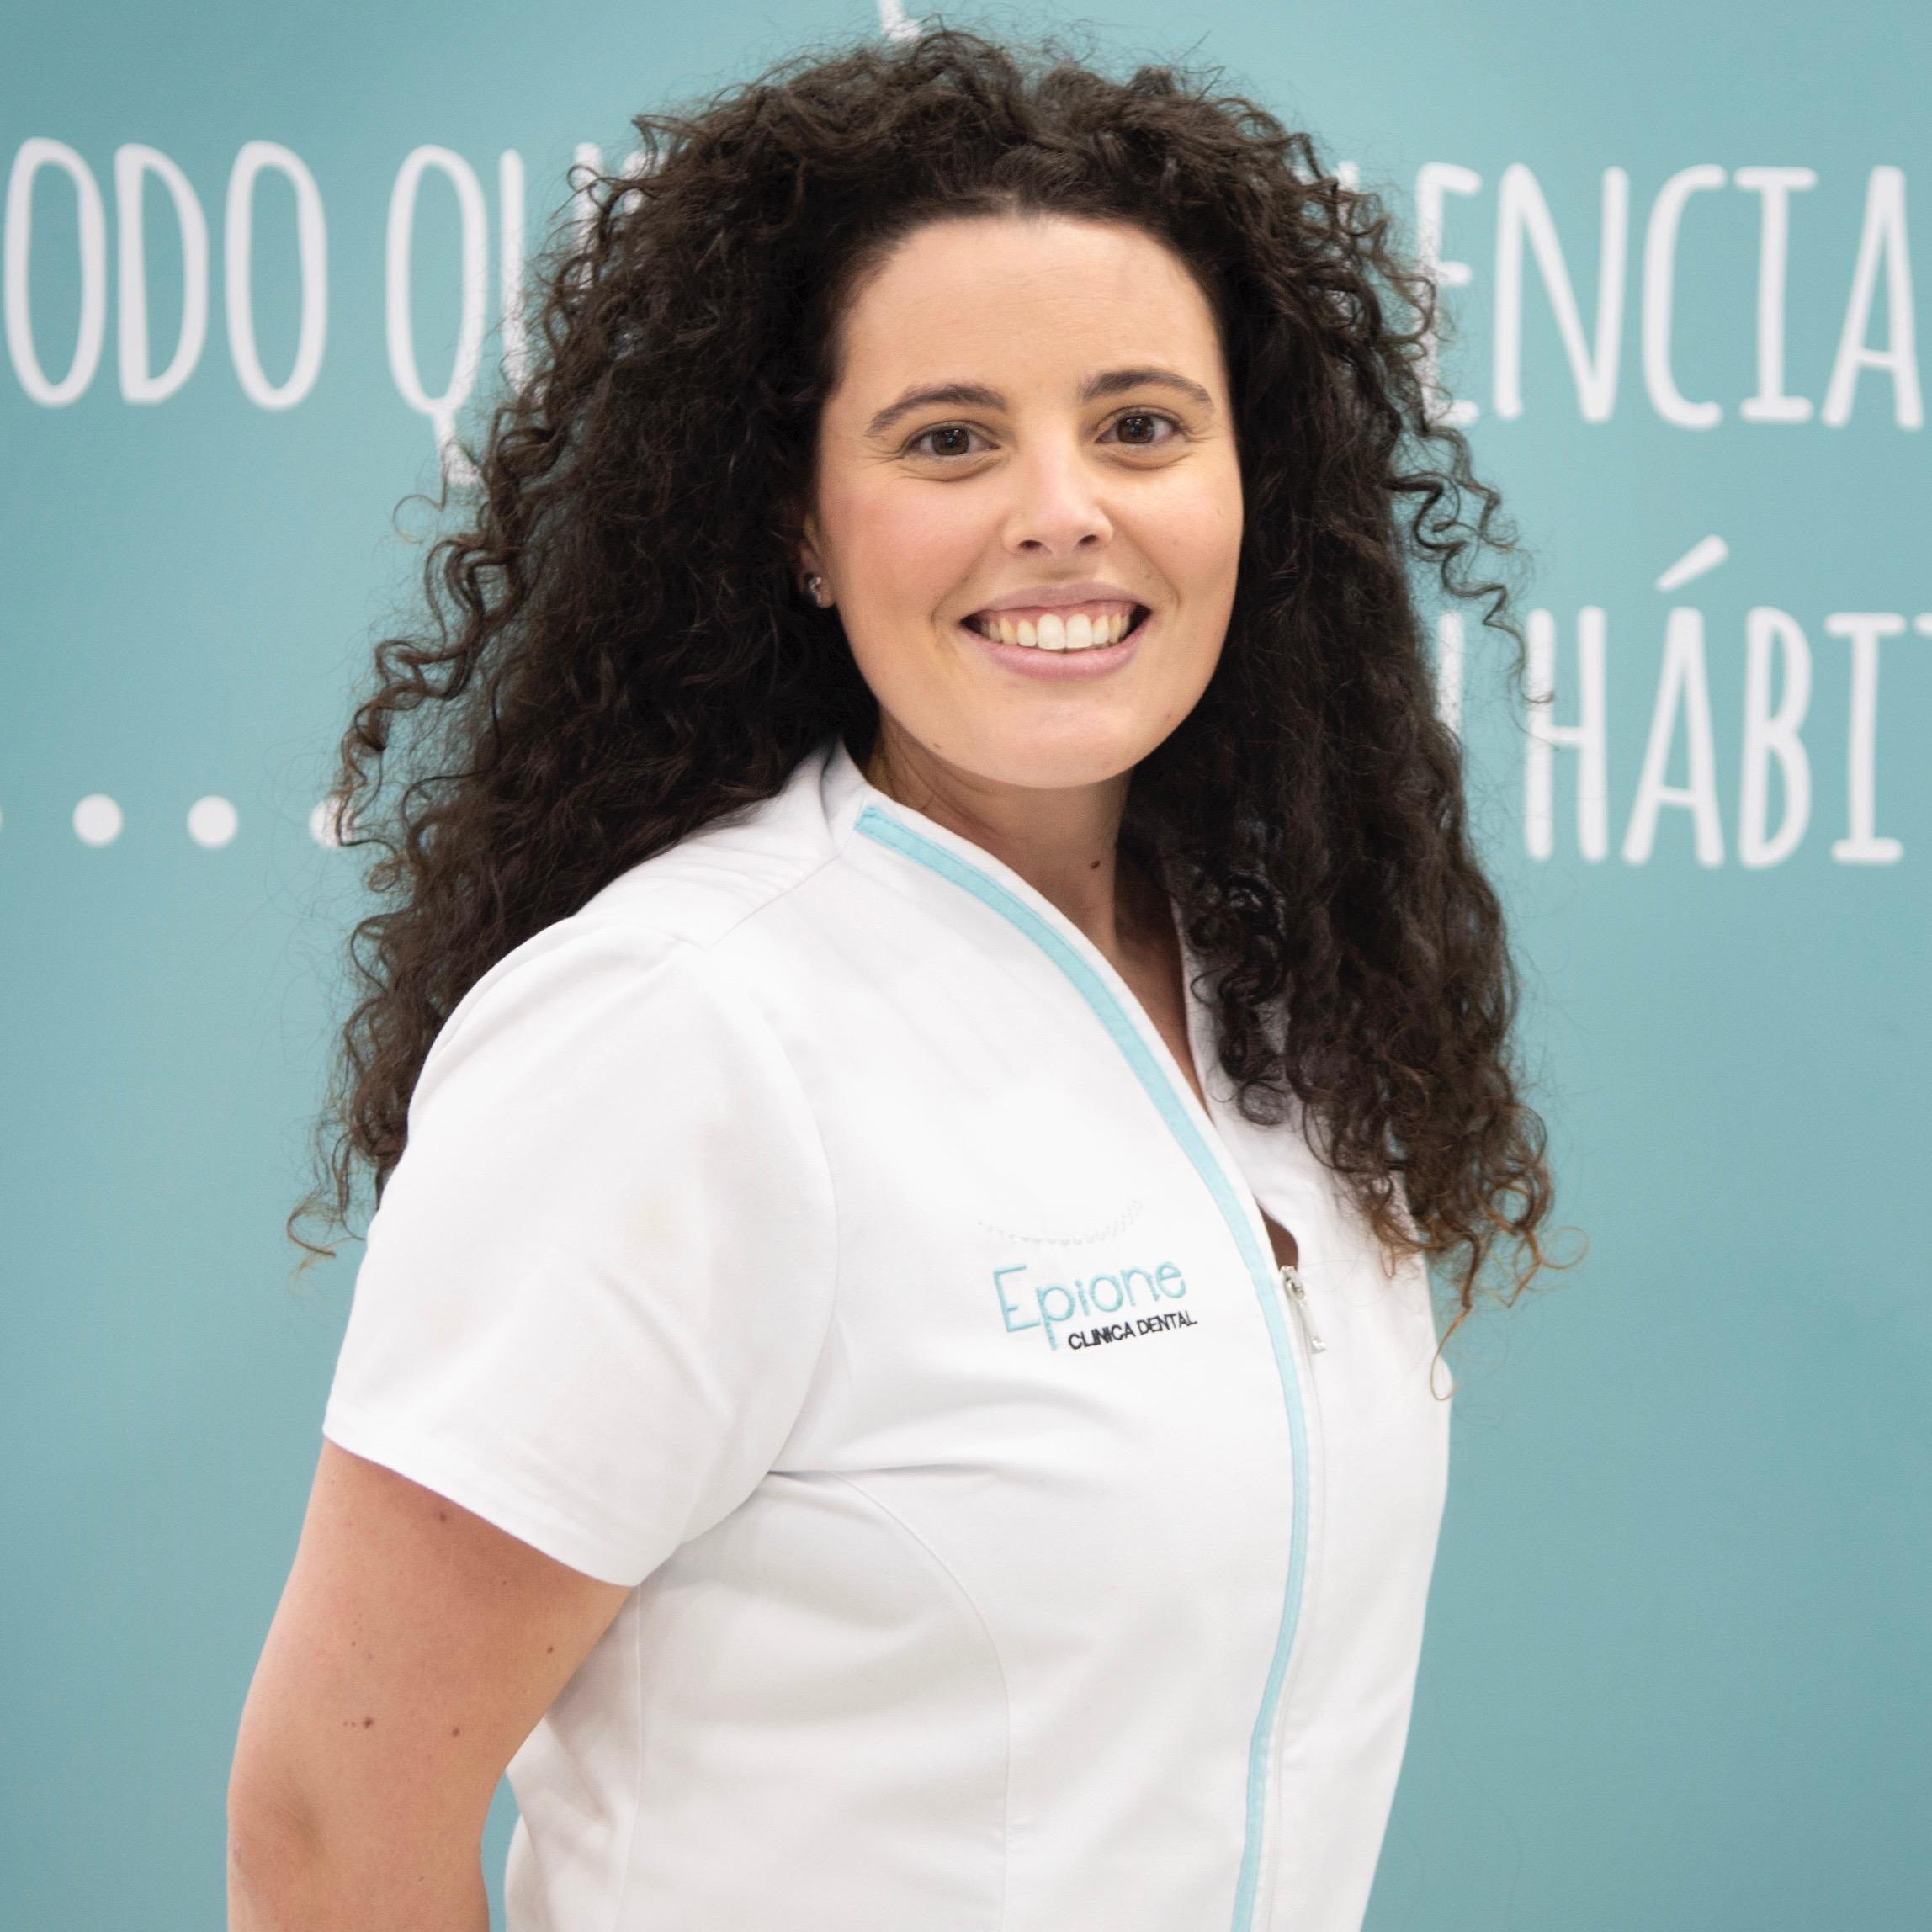 Virginia Solana Montoro